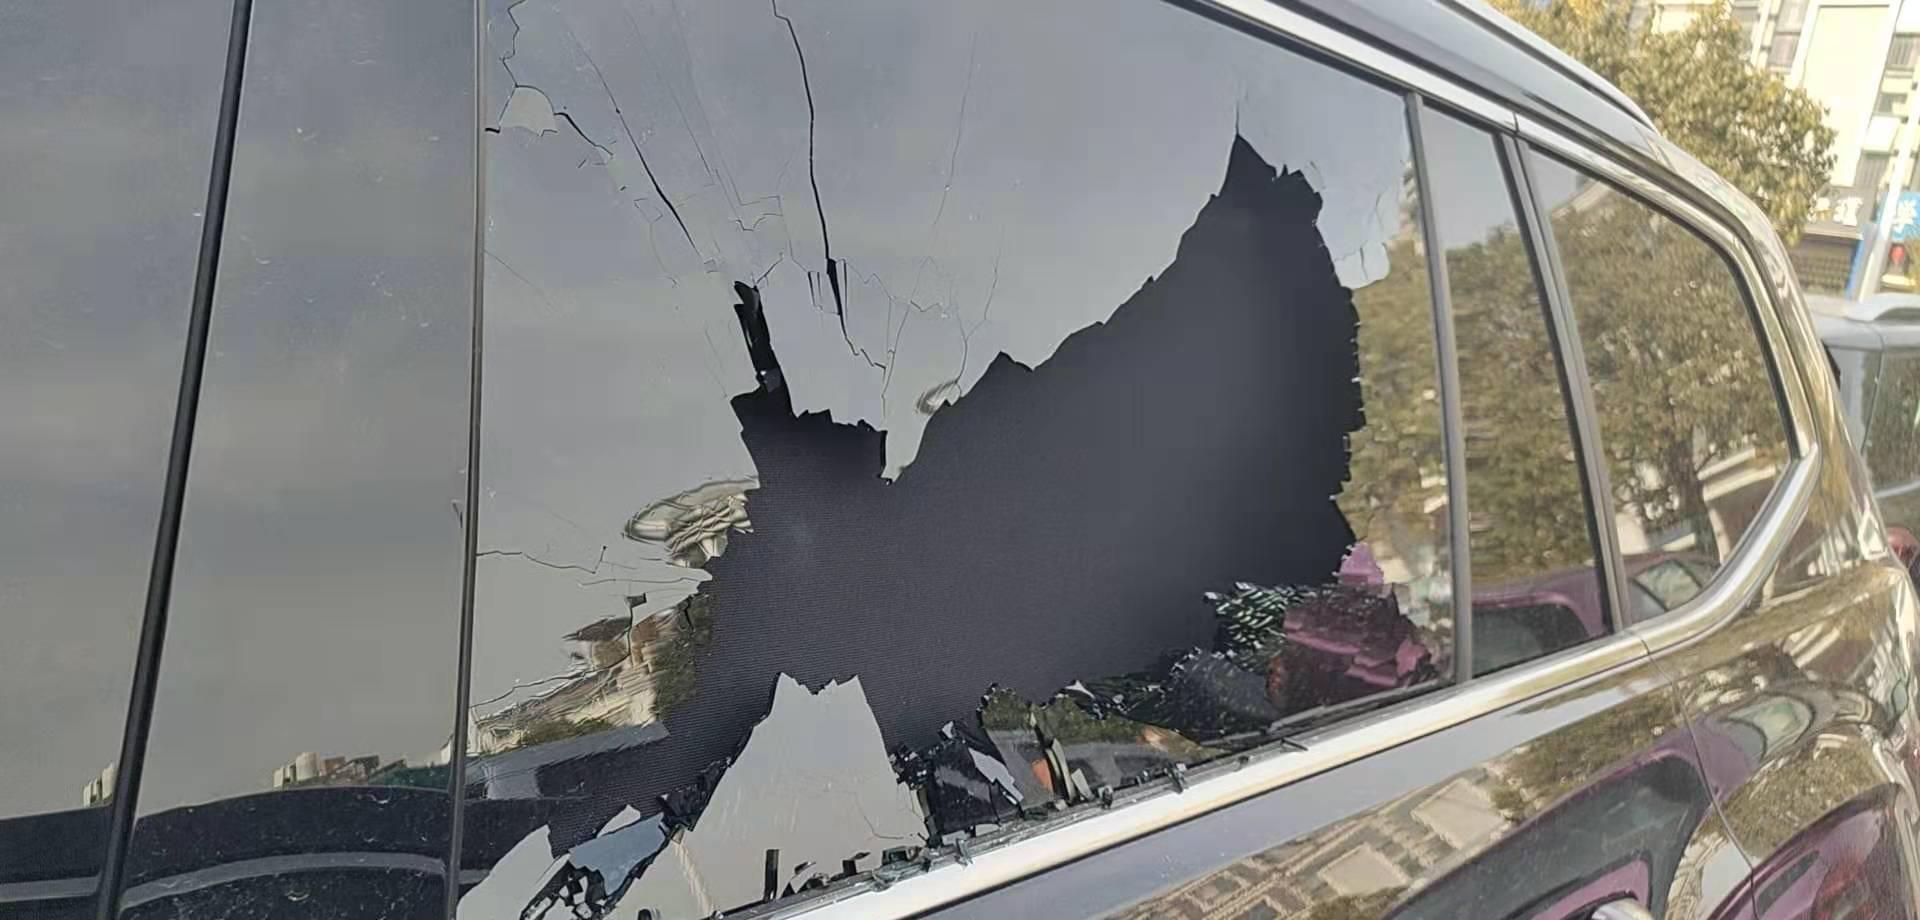 大众-途昂 车窗玻璃自爆